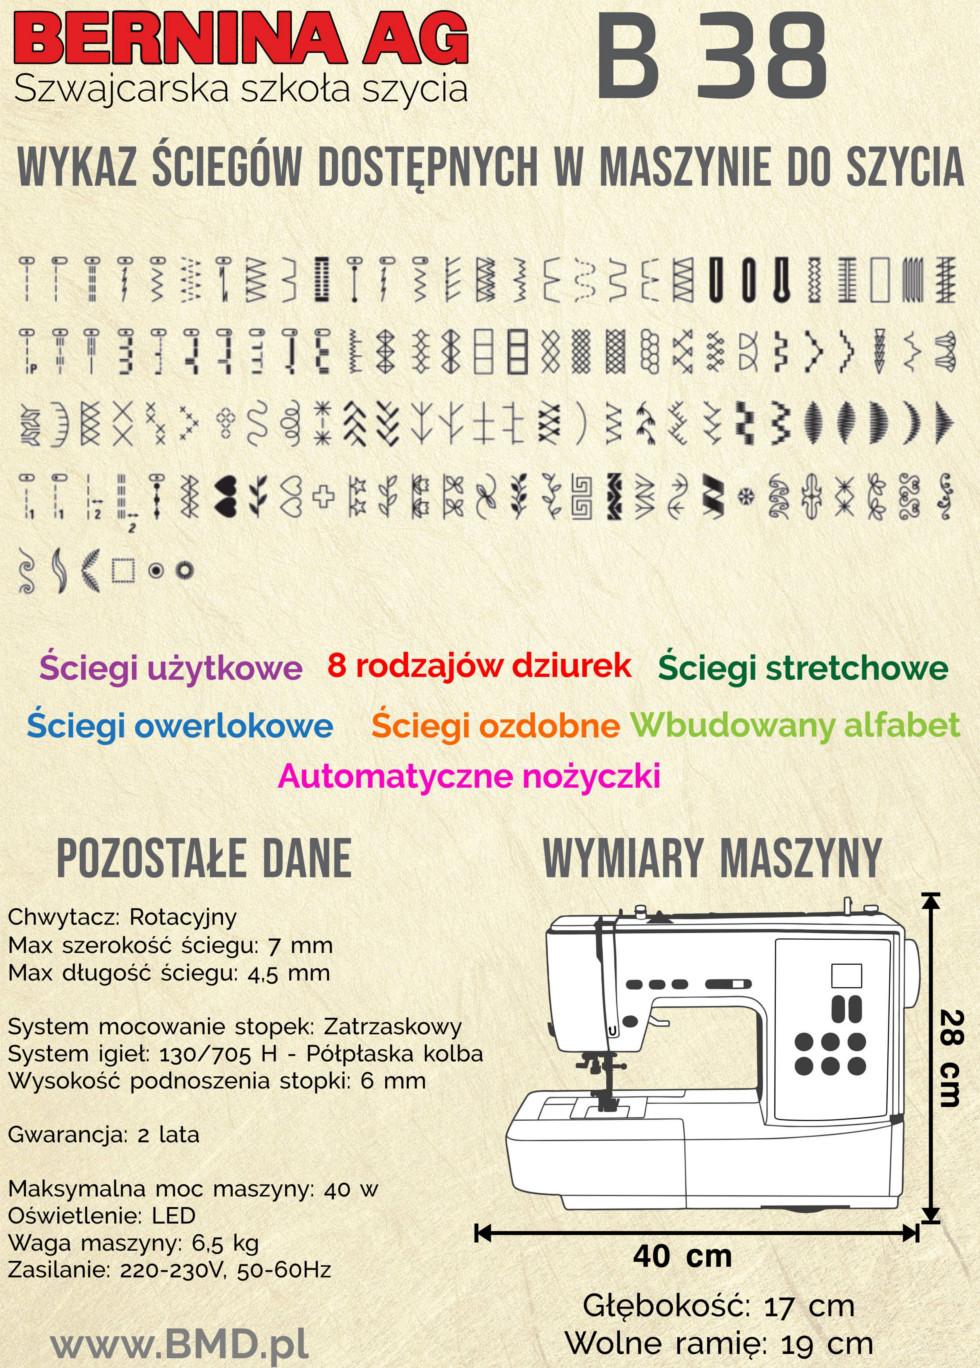 Maszyna do szycia BERNINA AG B 38 - Dodatkowe informacje